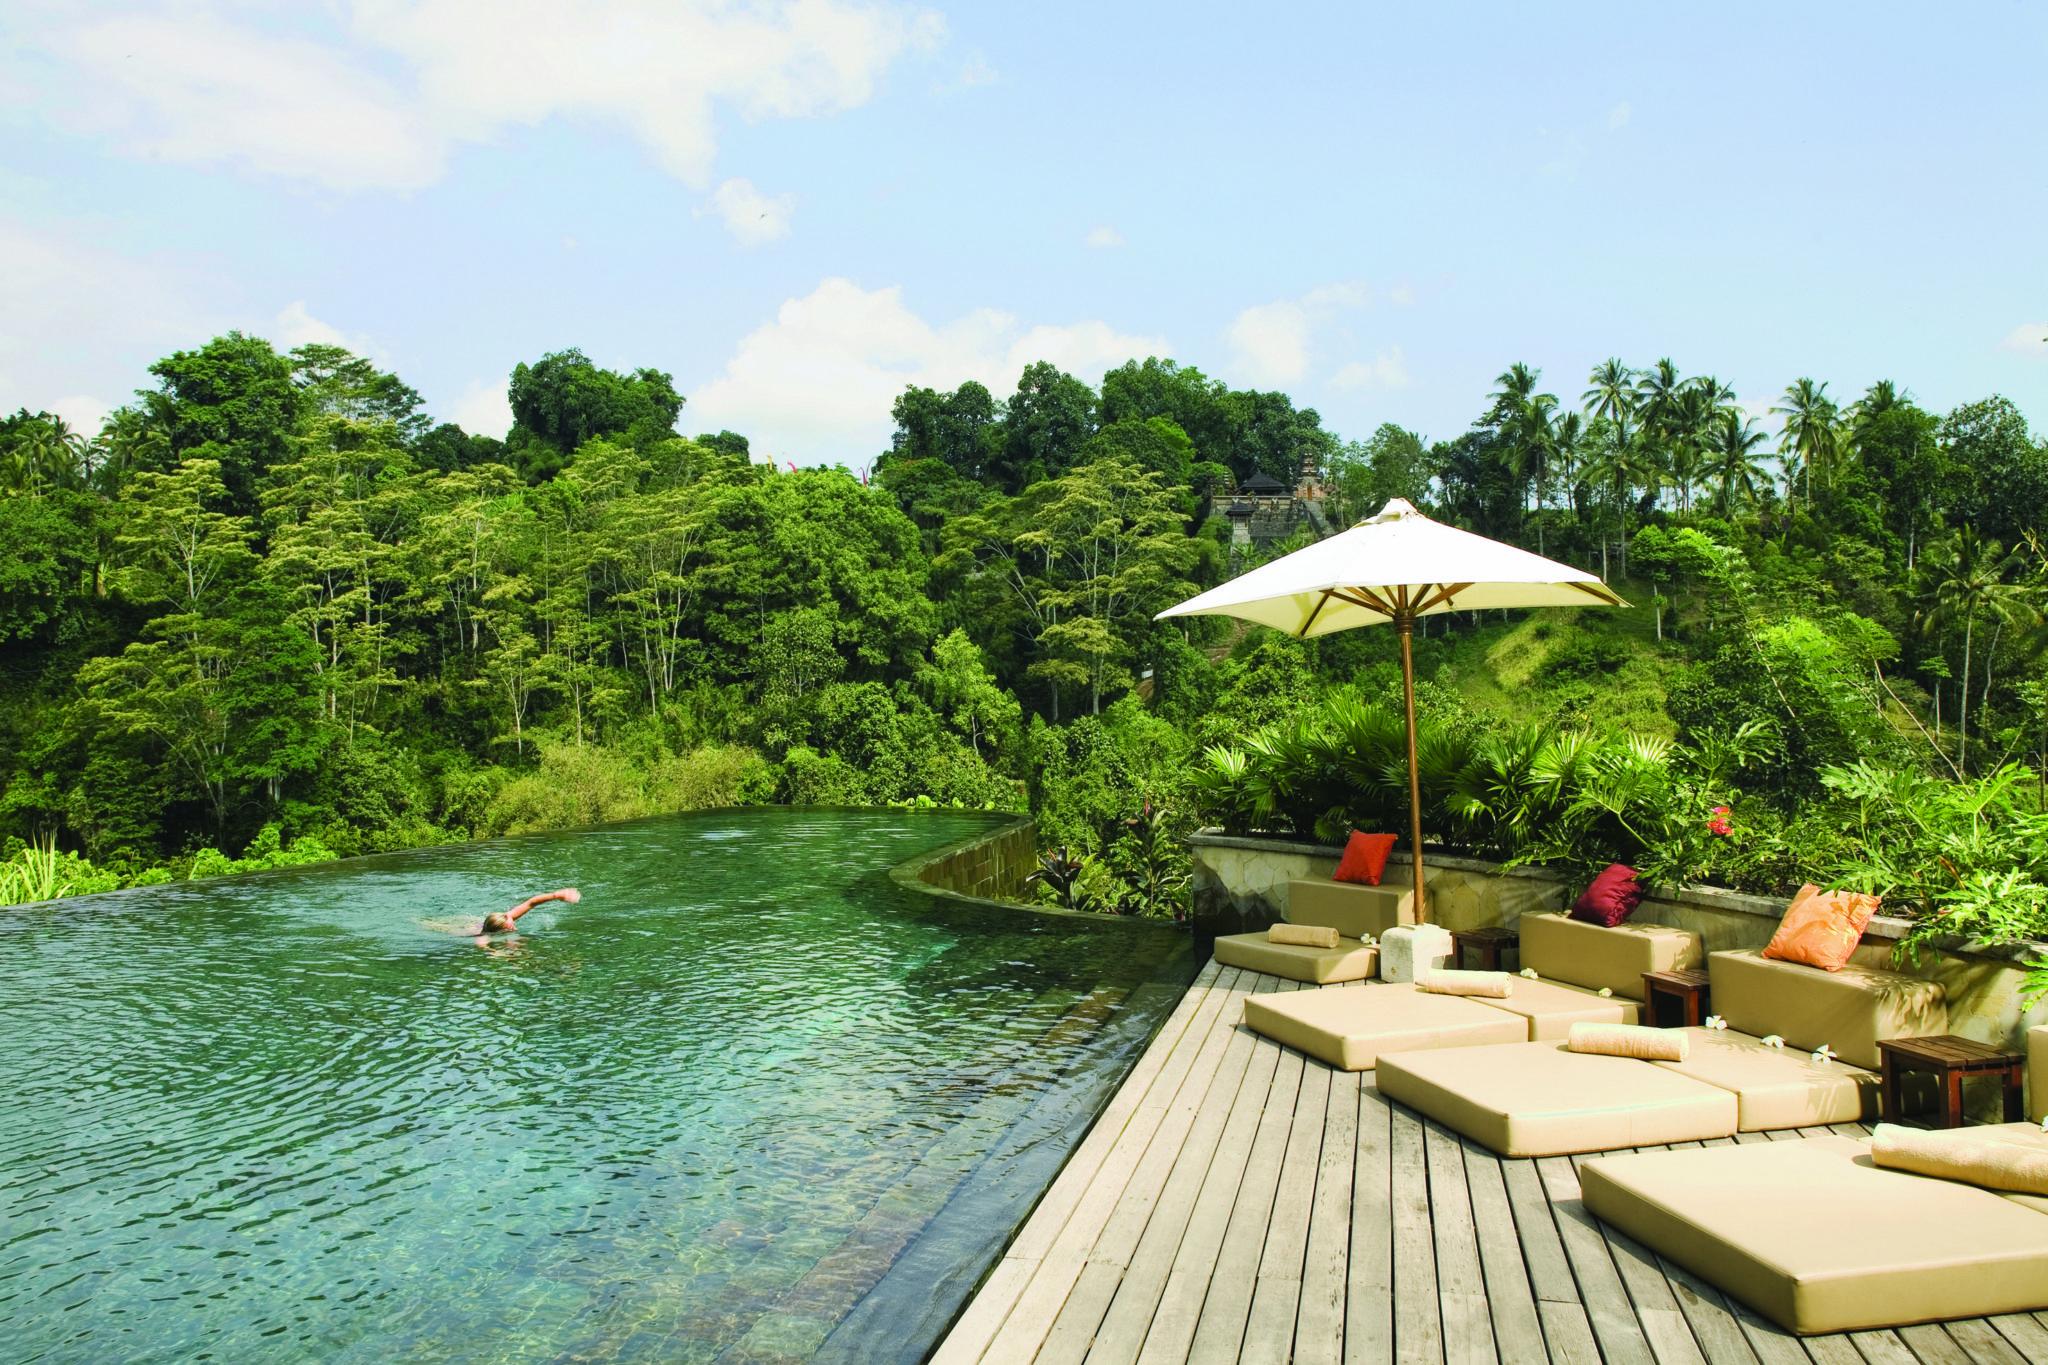 ubud hanging gardens, bali, indonesia | infinity pools